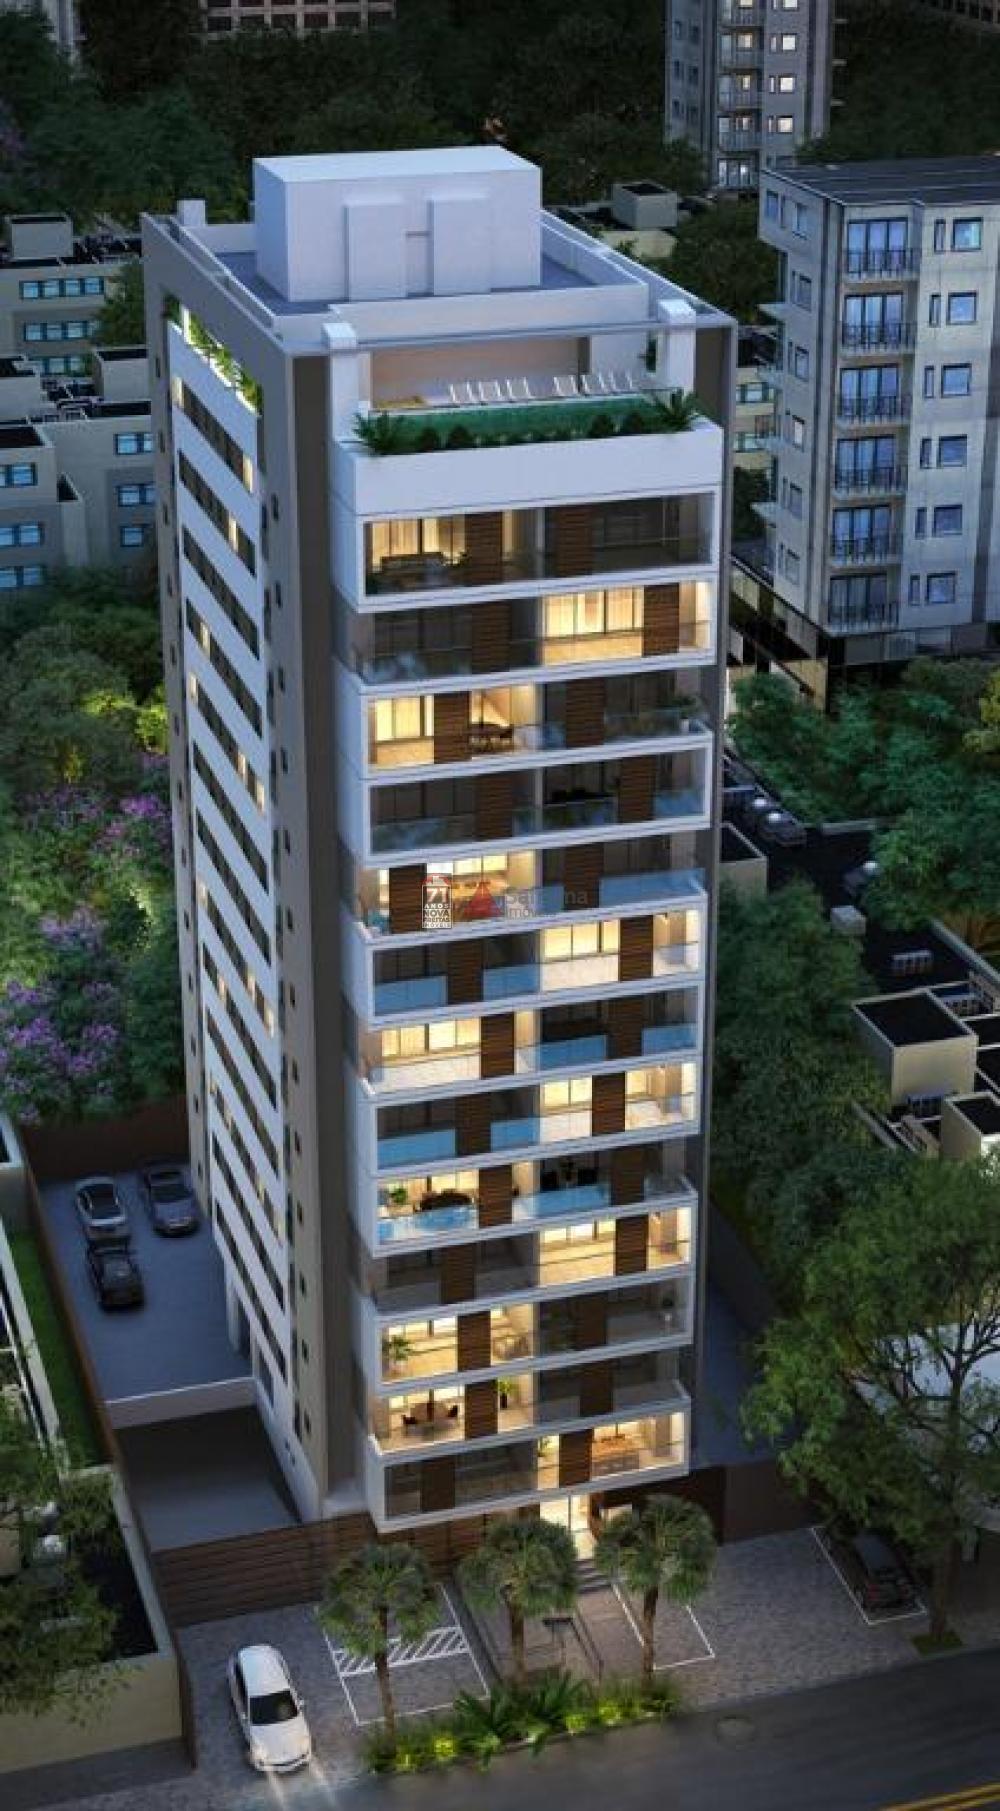 Comprar Apartamento / Padrão em São José dos Campos R$ 654.470,91 - Foto 1